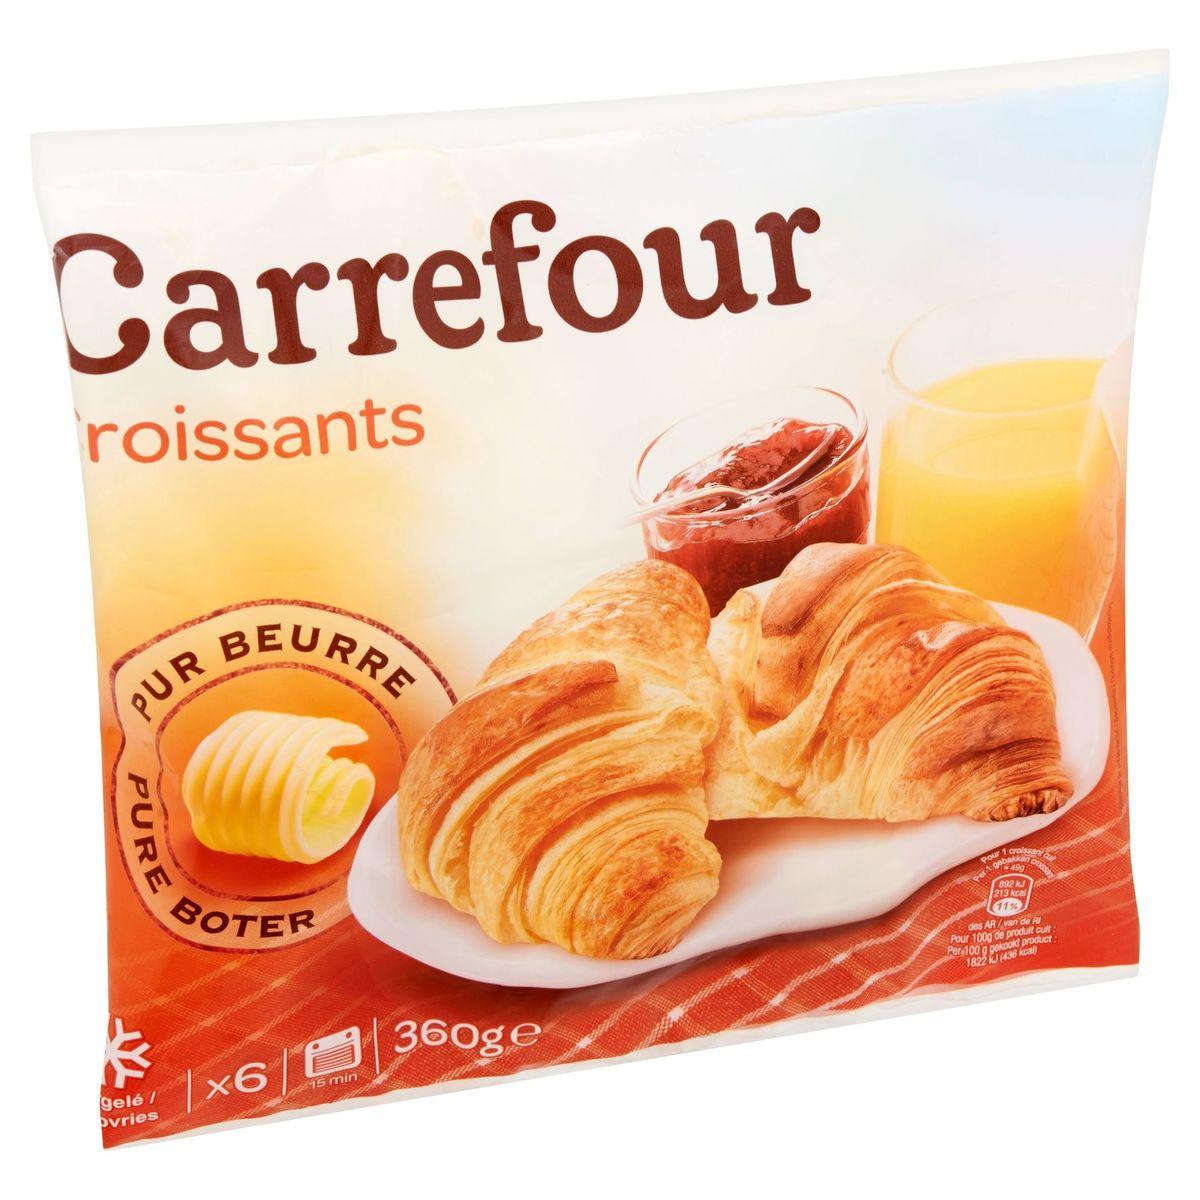 Carrefour 6 Croissants 360 g